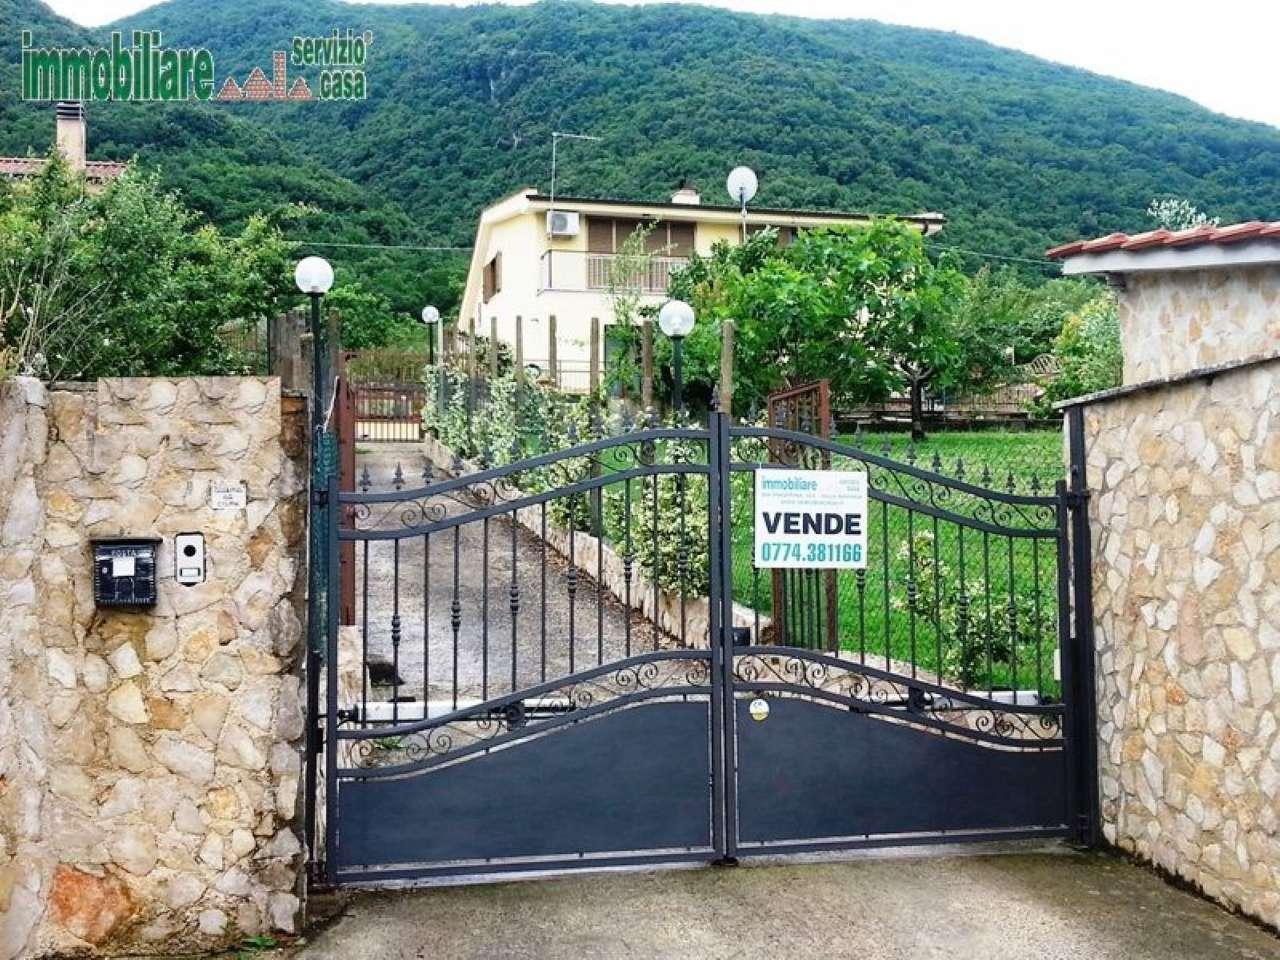 Villa in vendita a Castel Madama, 6 locali, prezzo € 268.000 | CambioCasa.it